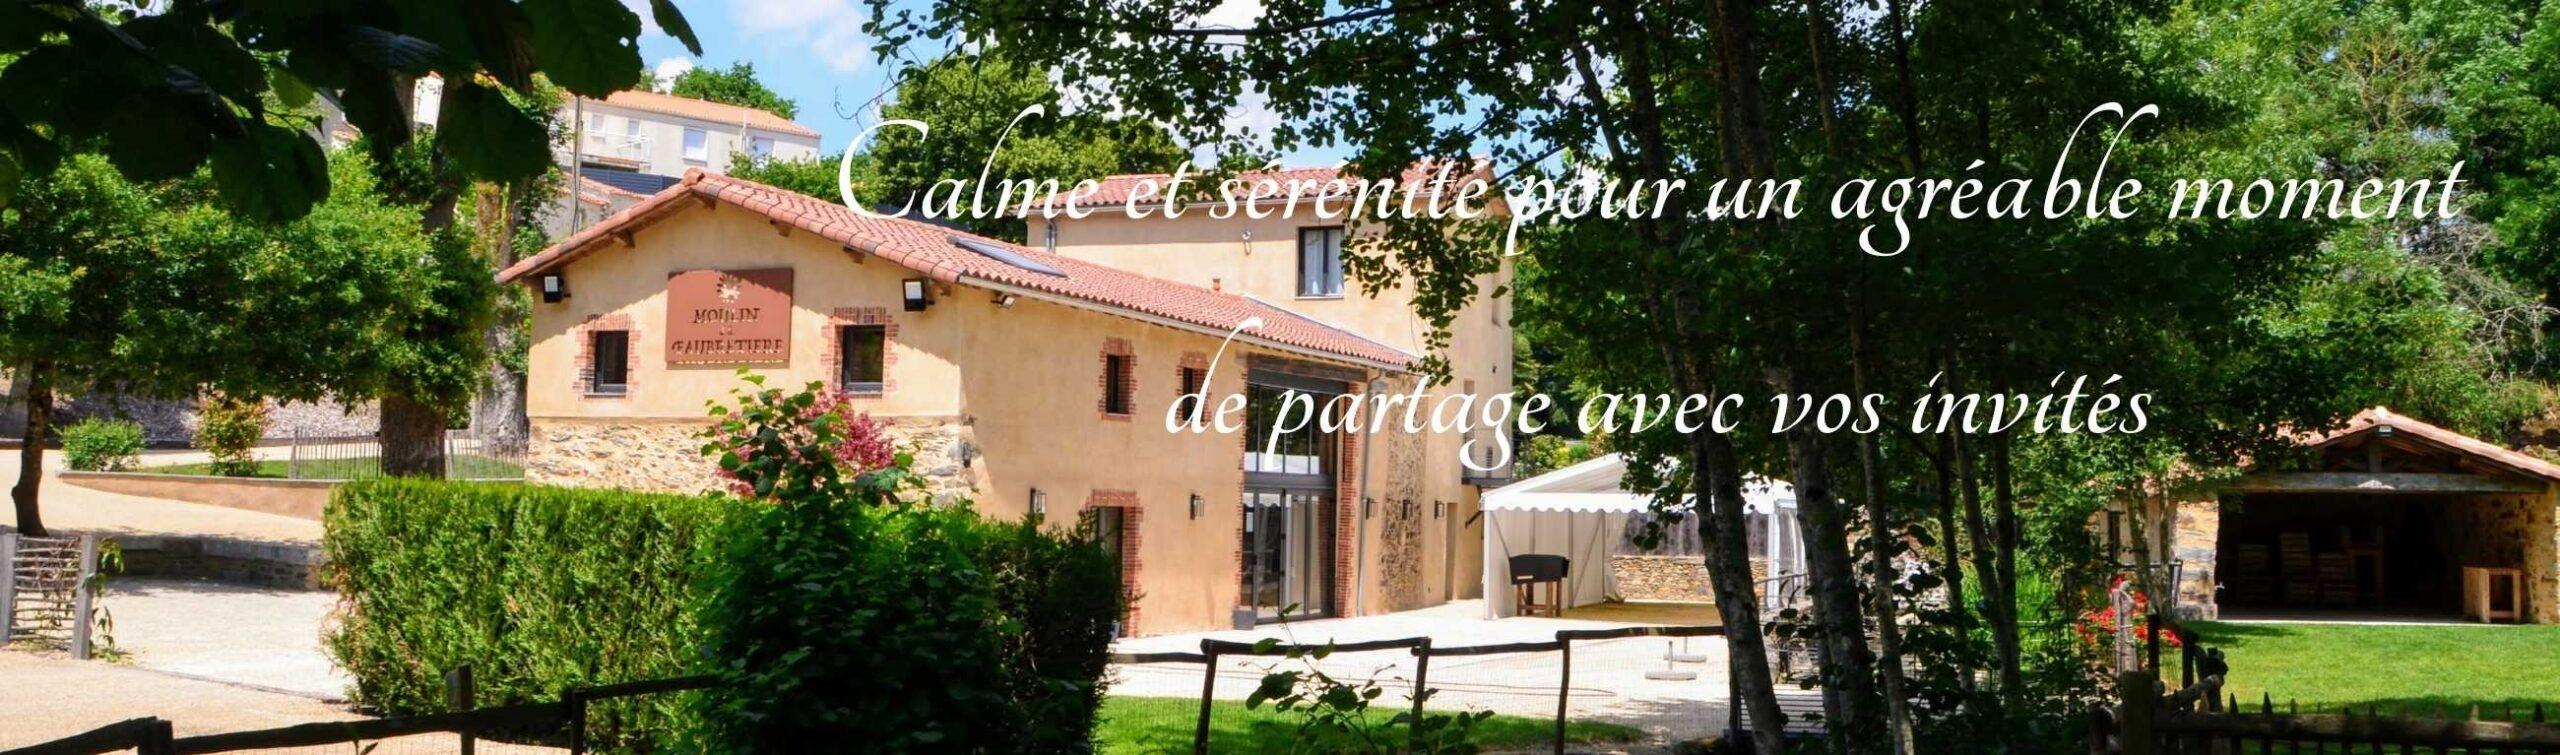 Location de salle pour mariage en Vendée